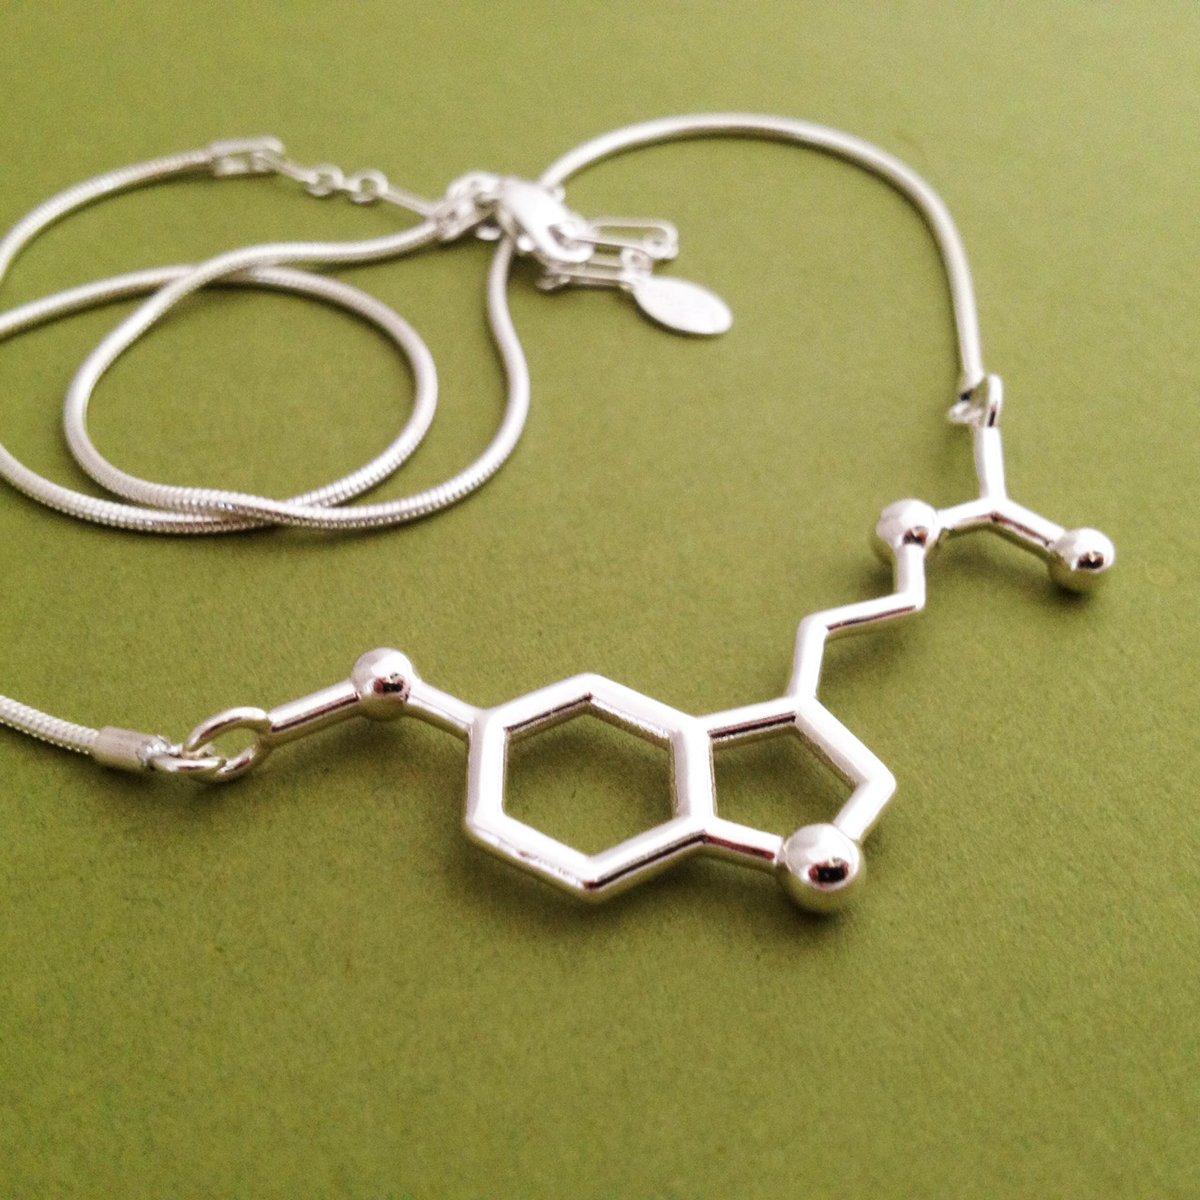 Image of melatonin necklace